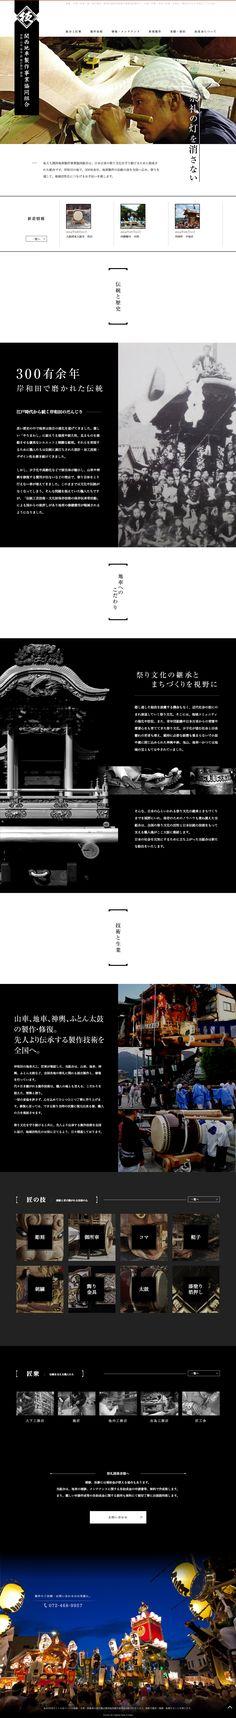 関西地車制作事業協同組合 : 81-web.com【Webデザイン リンク集】